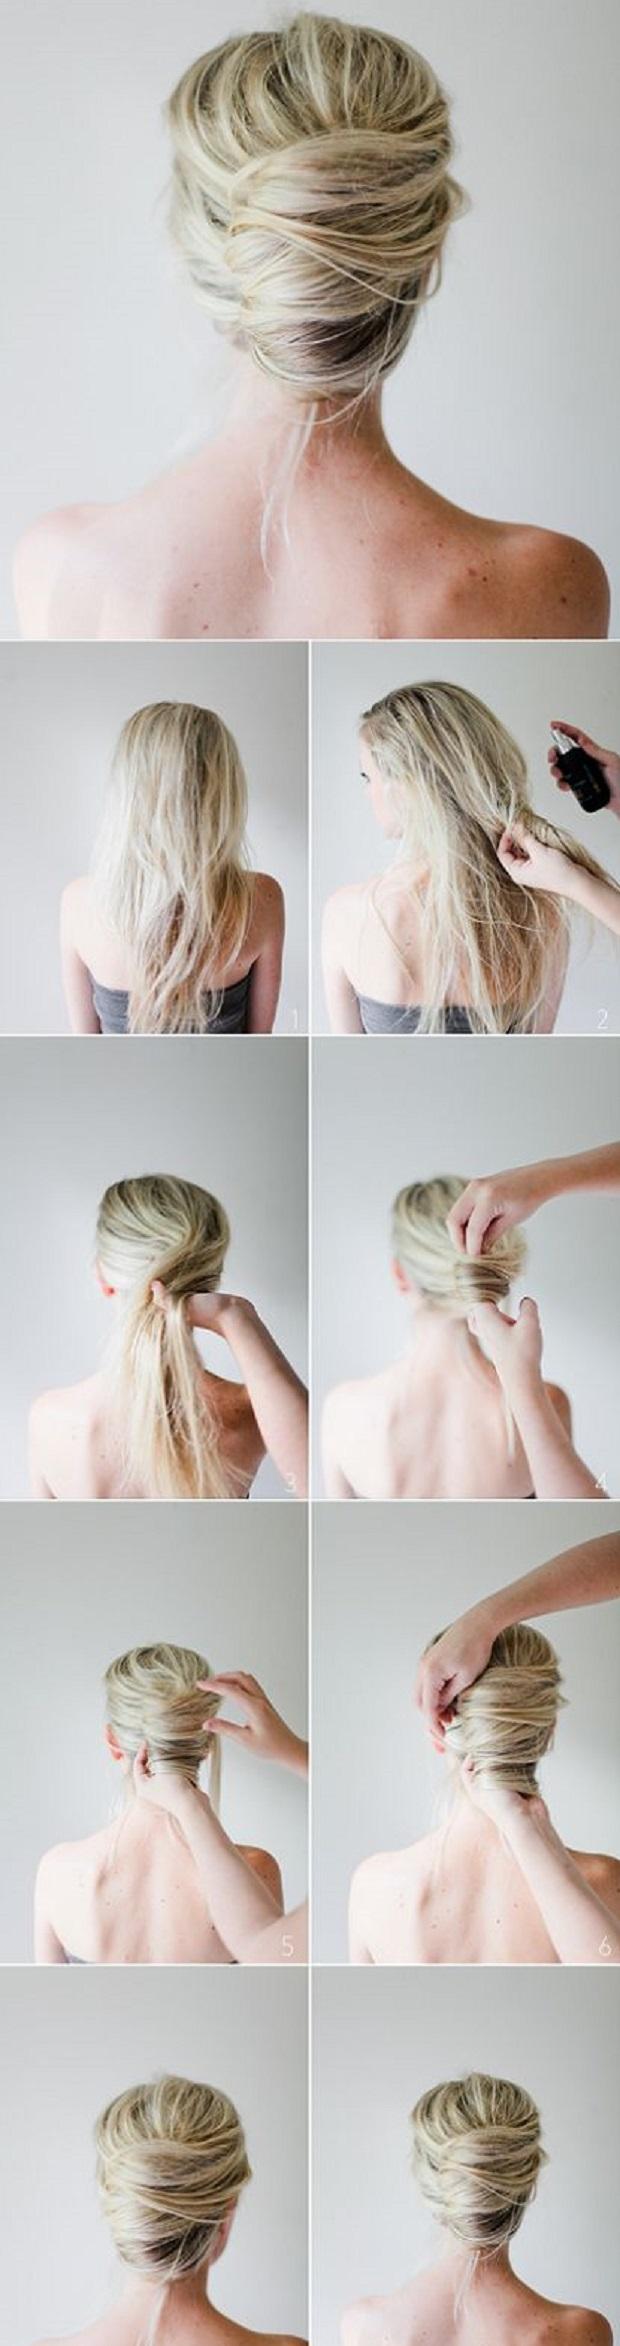 peinado-recogido-con-volumen